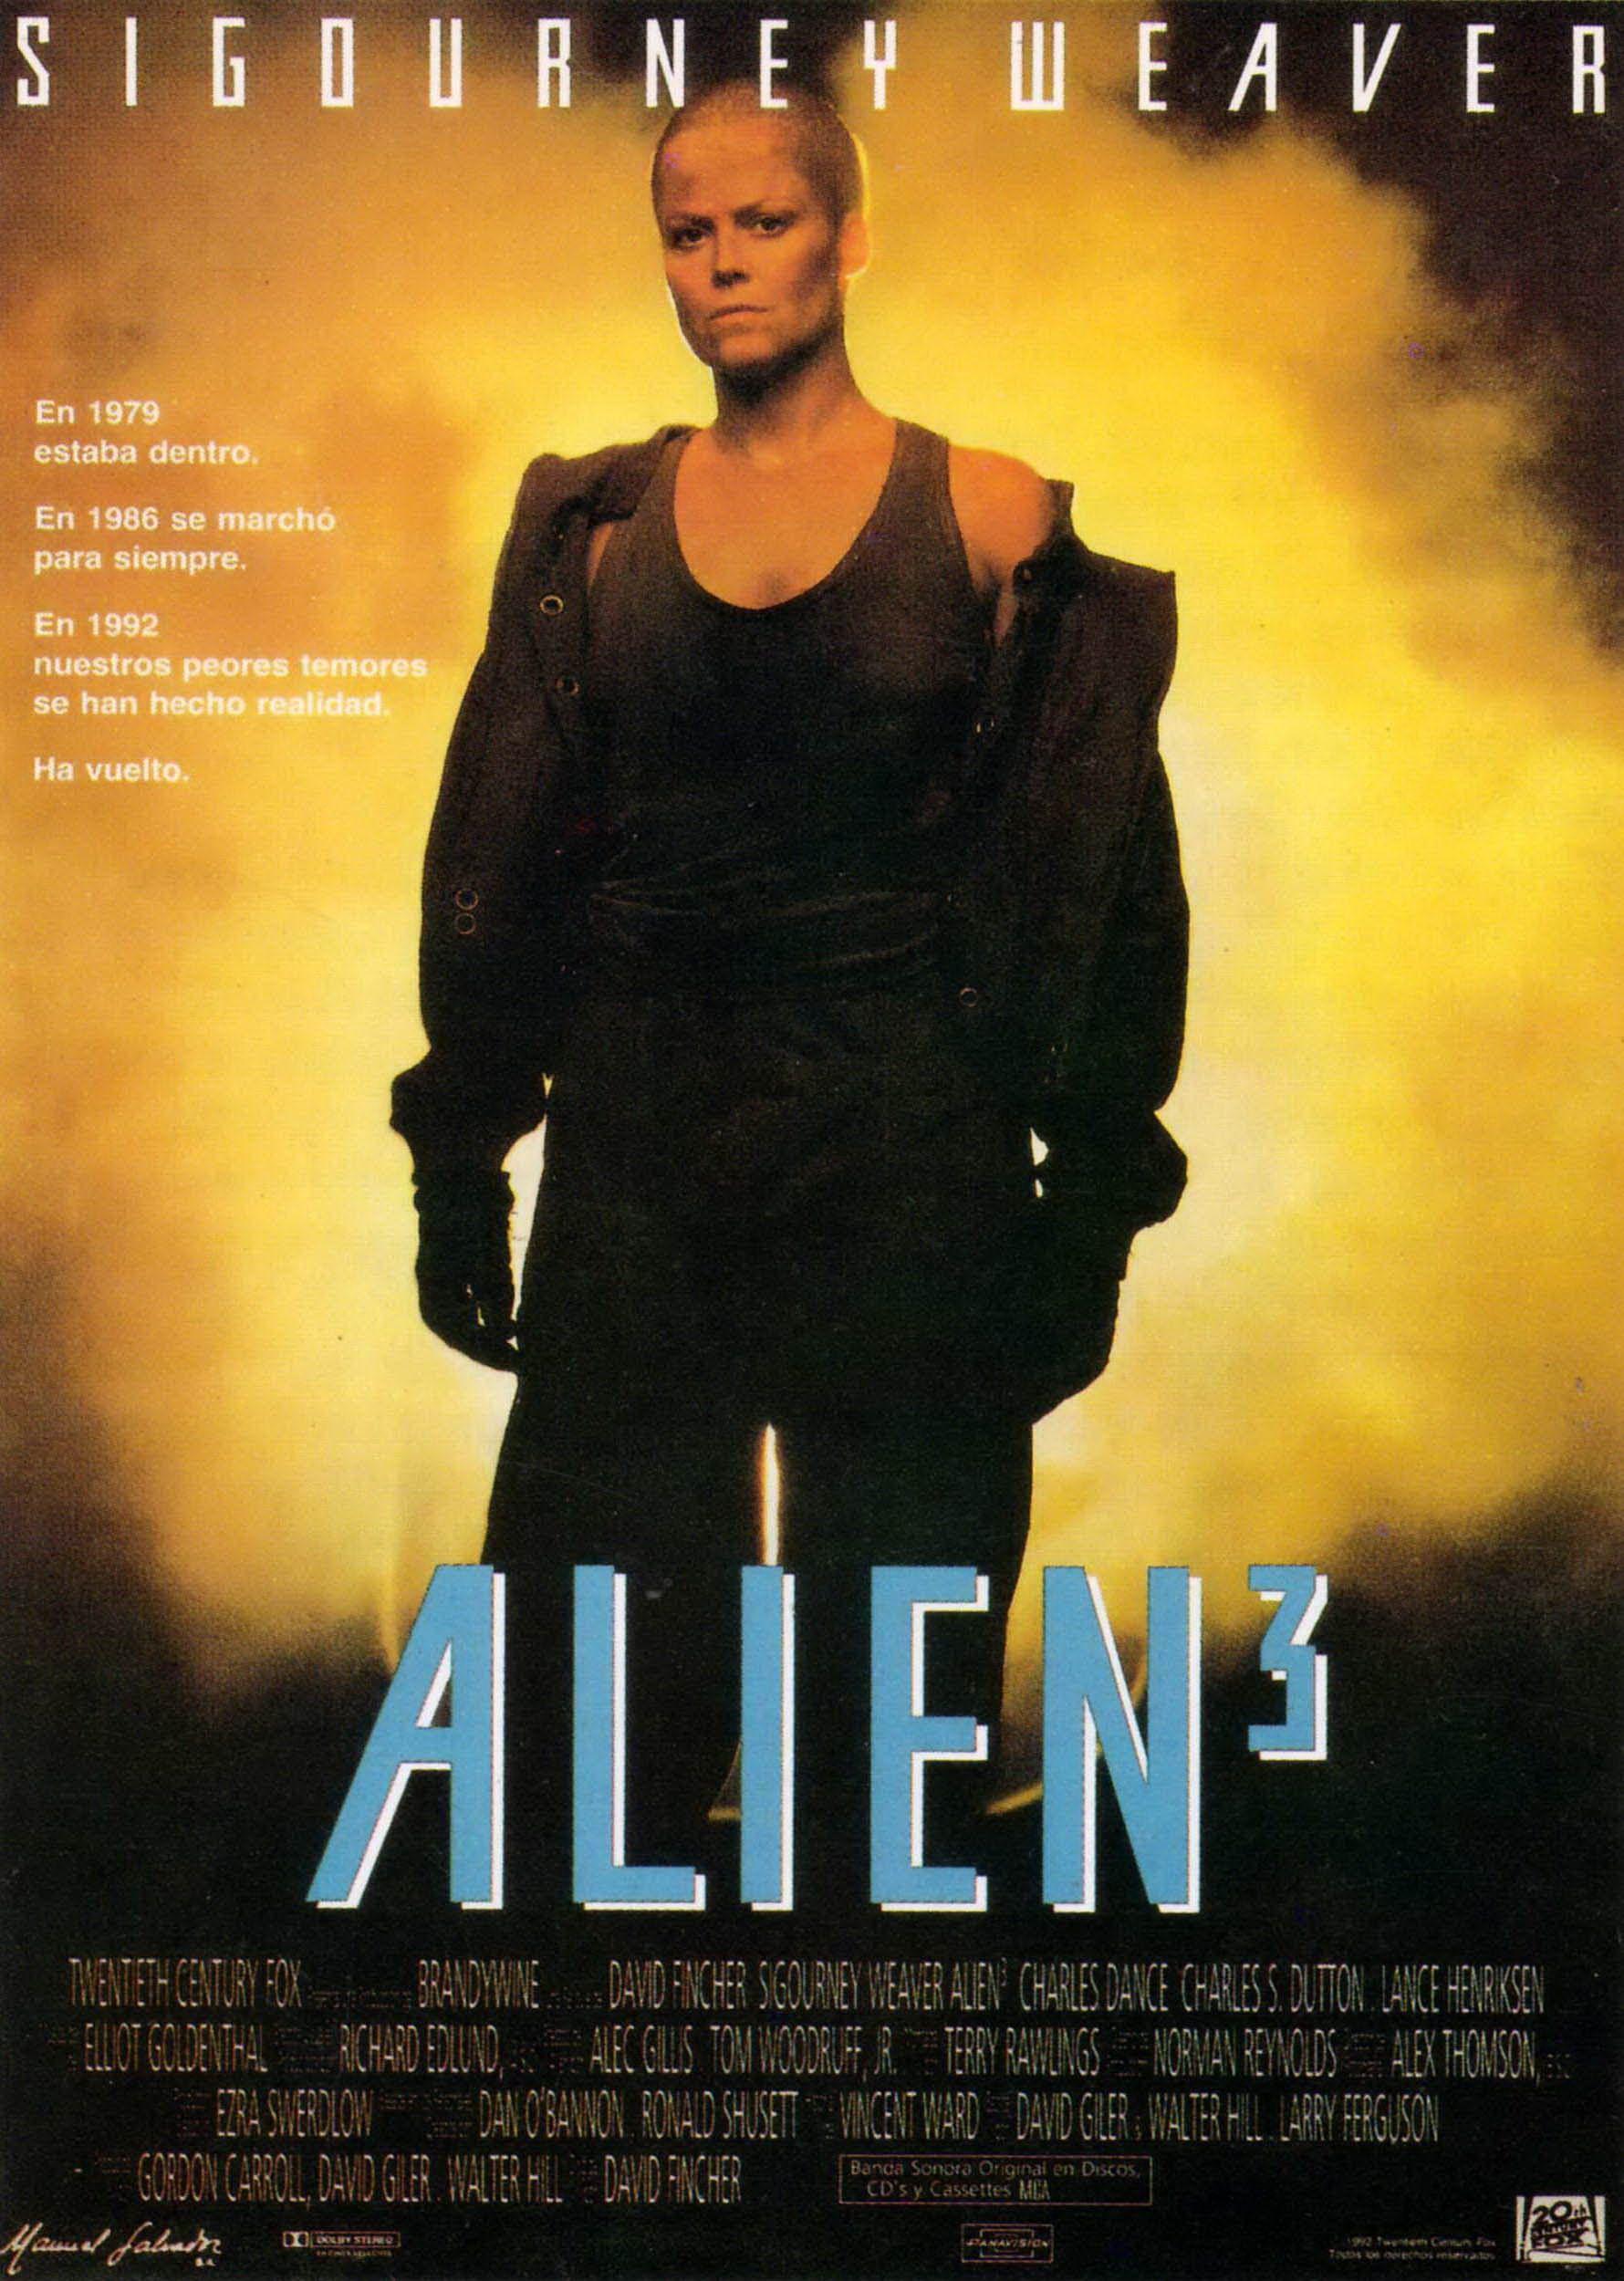 Alien 3 Pelicula De Extraterrestres Peliculas Cine Peliculas